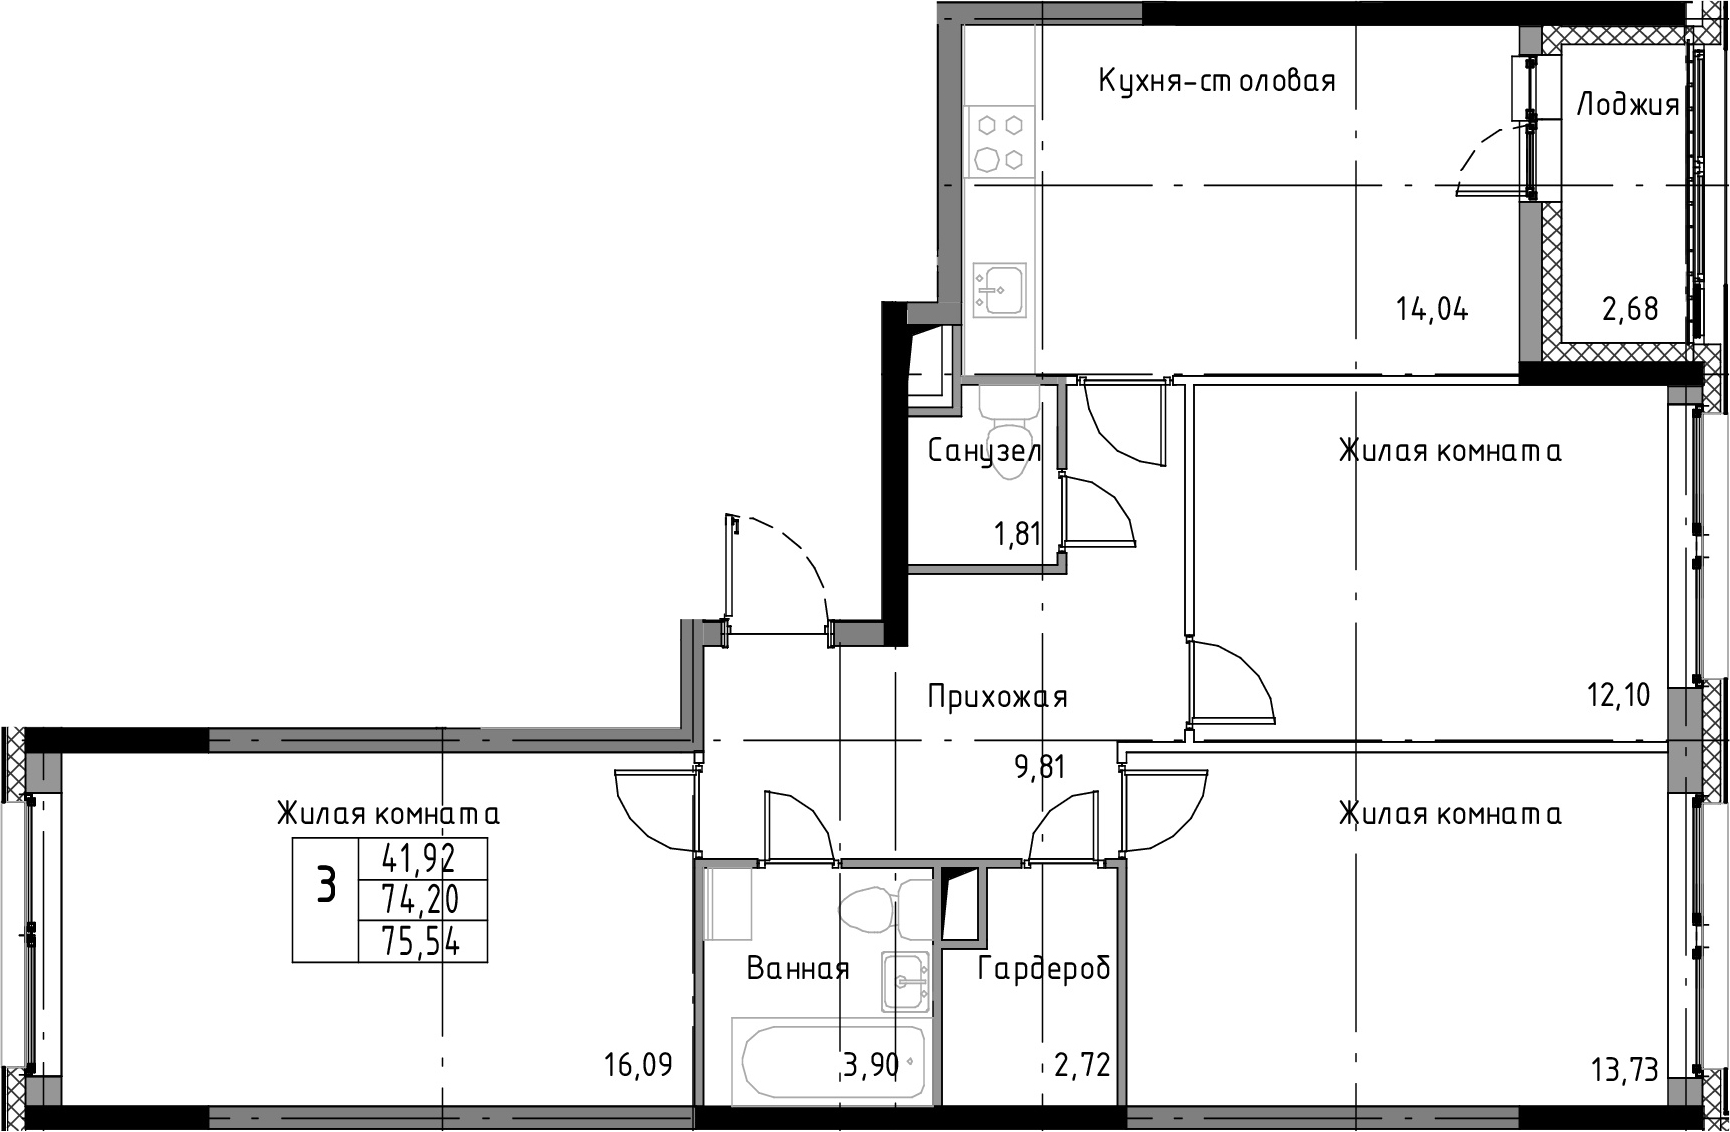 3-к.кв, 75.54 м²